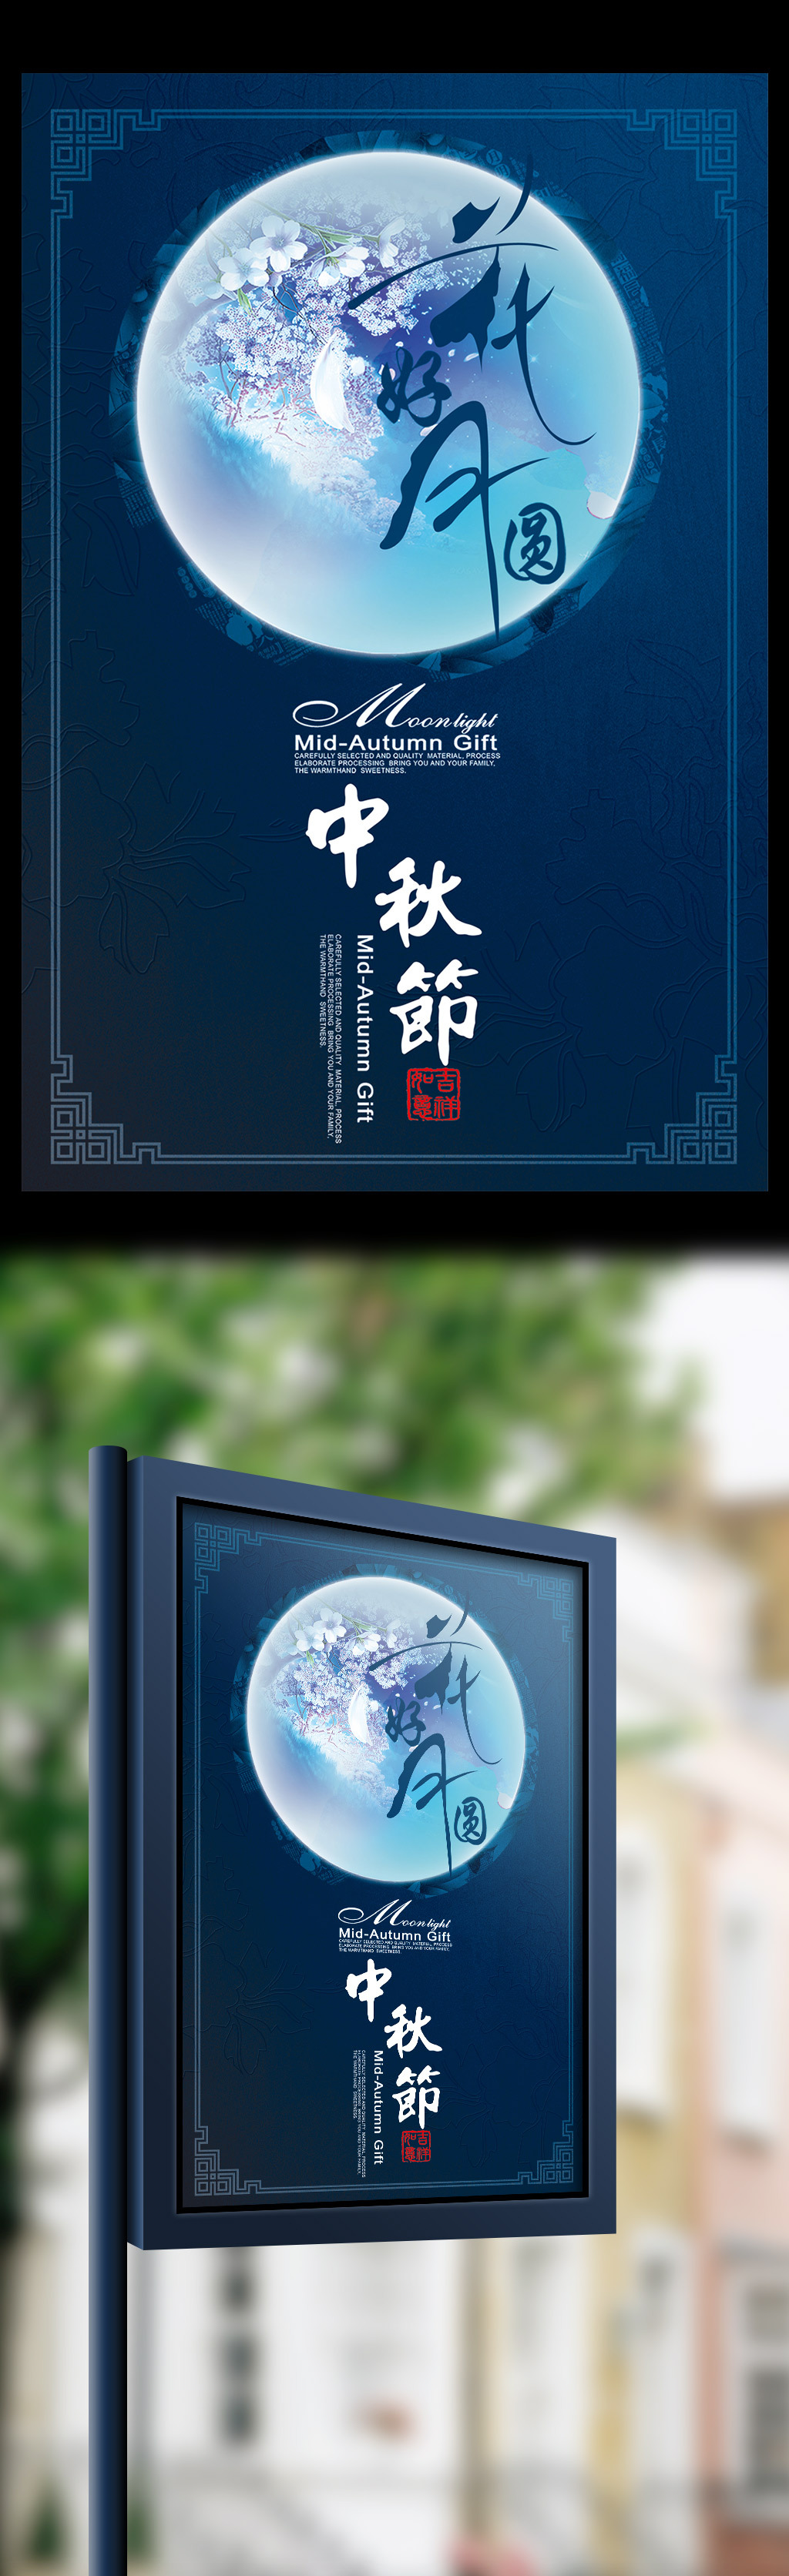 创意简洁中秋主题海报图片设计素材_高清psd模板下载图片